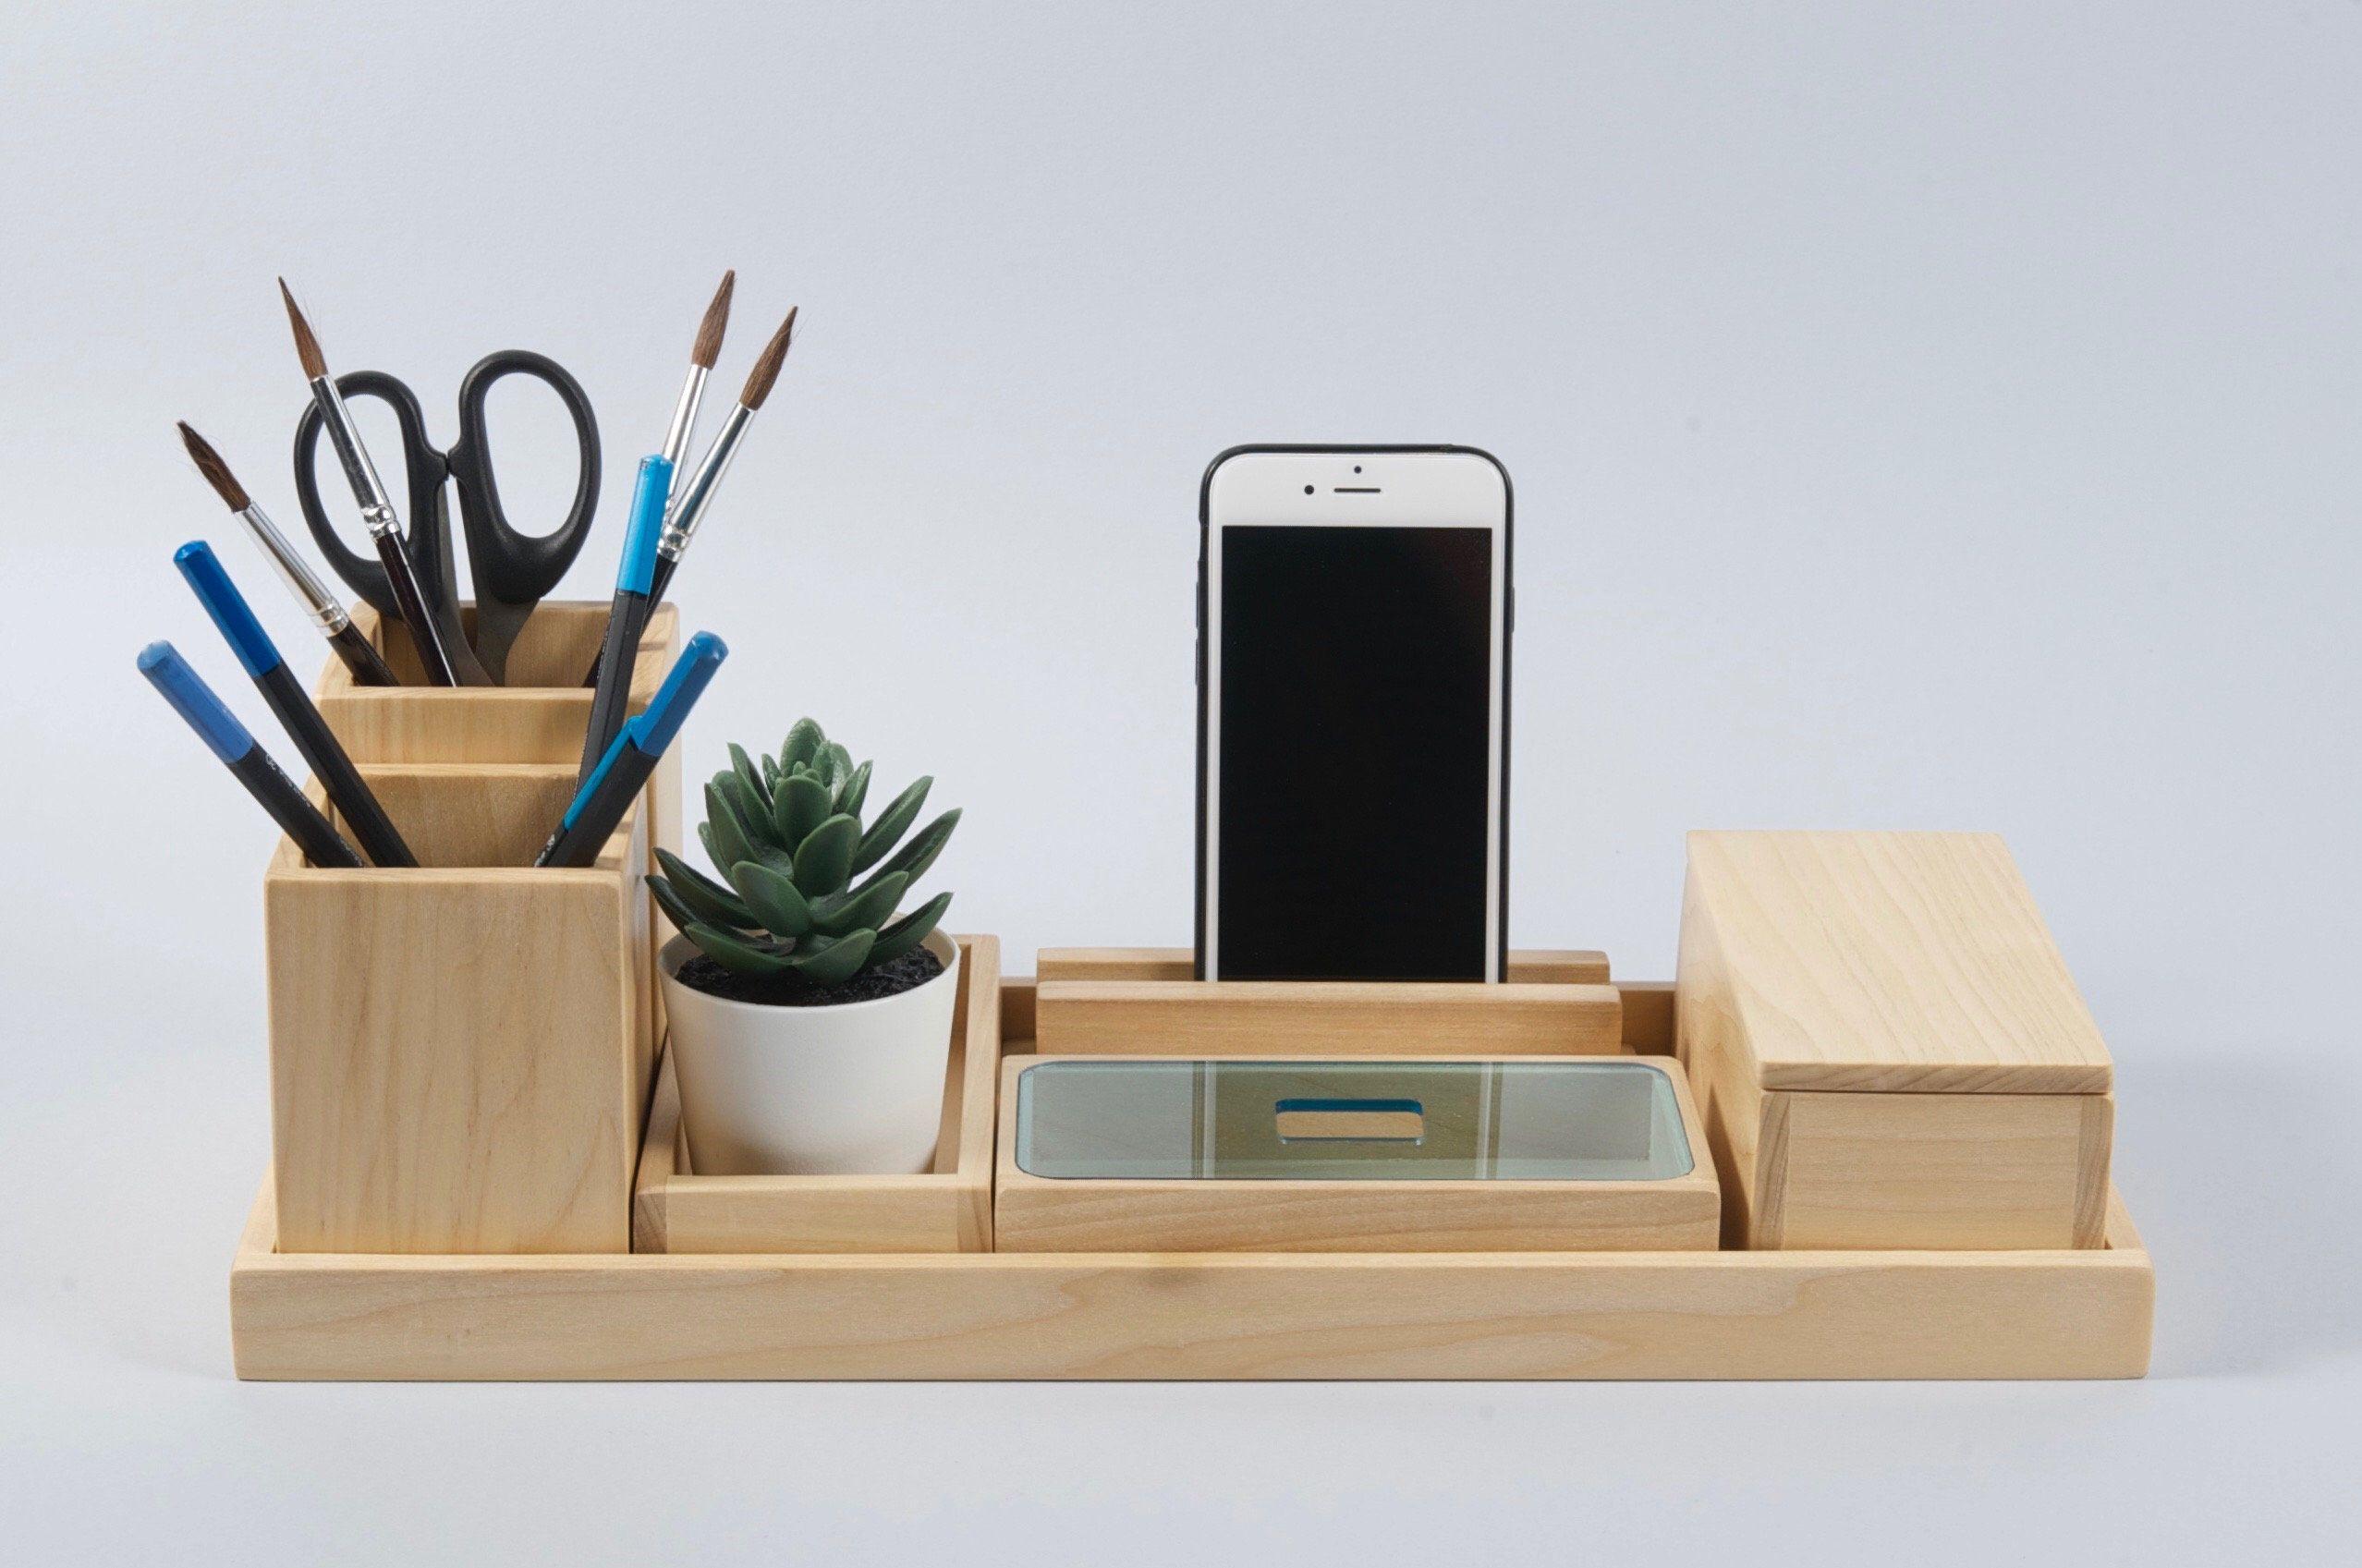 Wood Desk Organizer Gift For Men And Women Office Desk